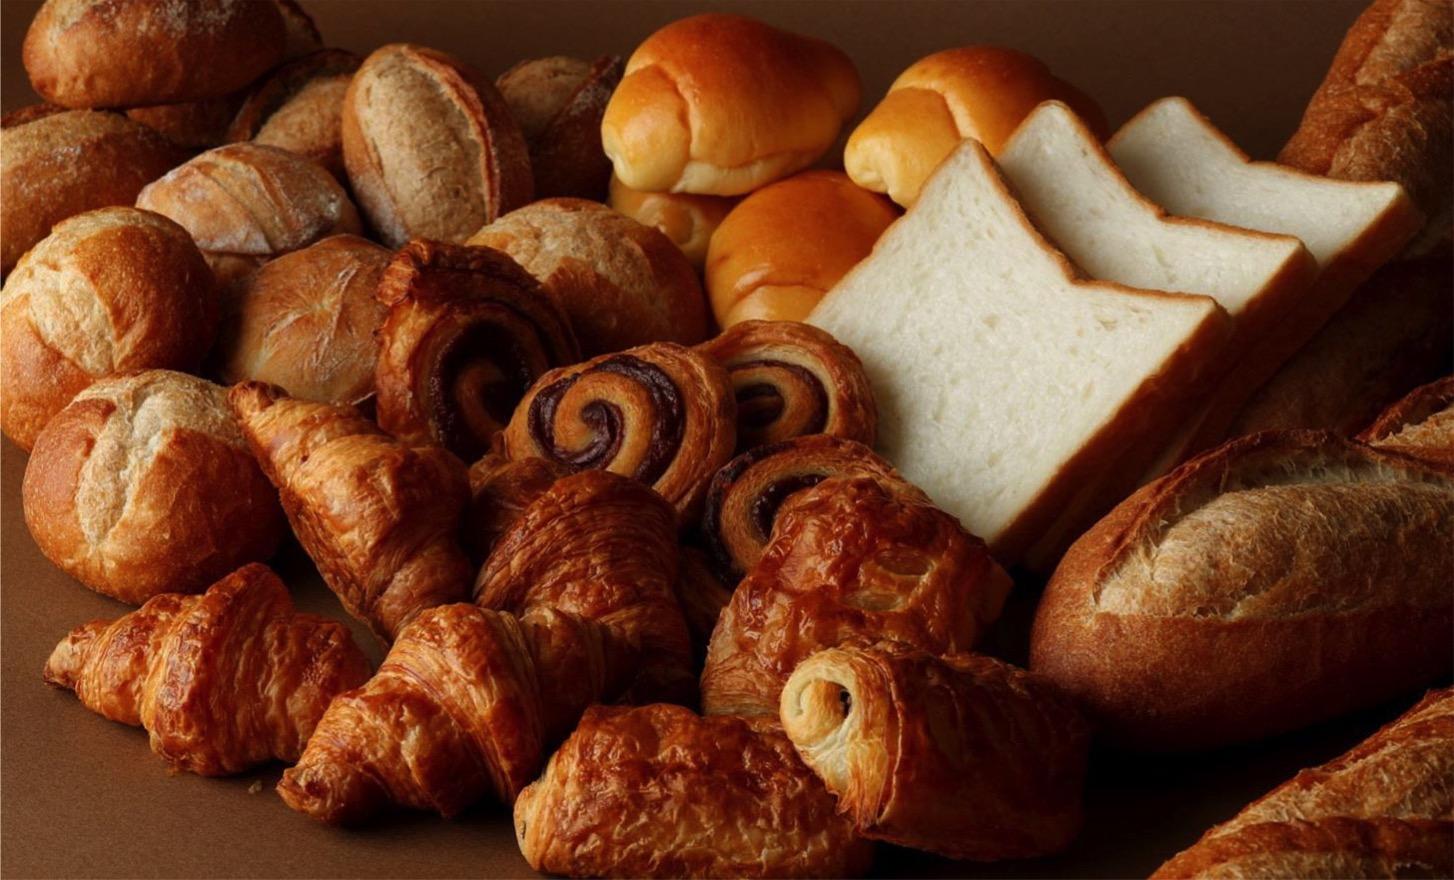 ホテルニューグランド「ザ・カフェ」でホテルメイドパンの販売開始